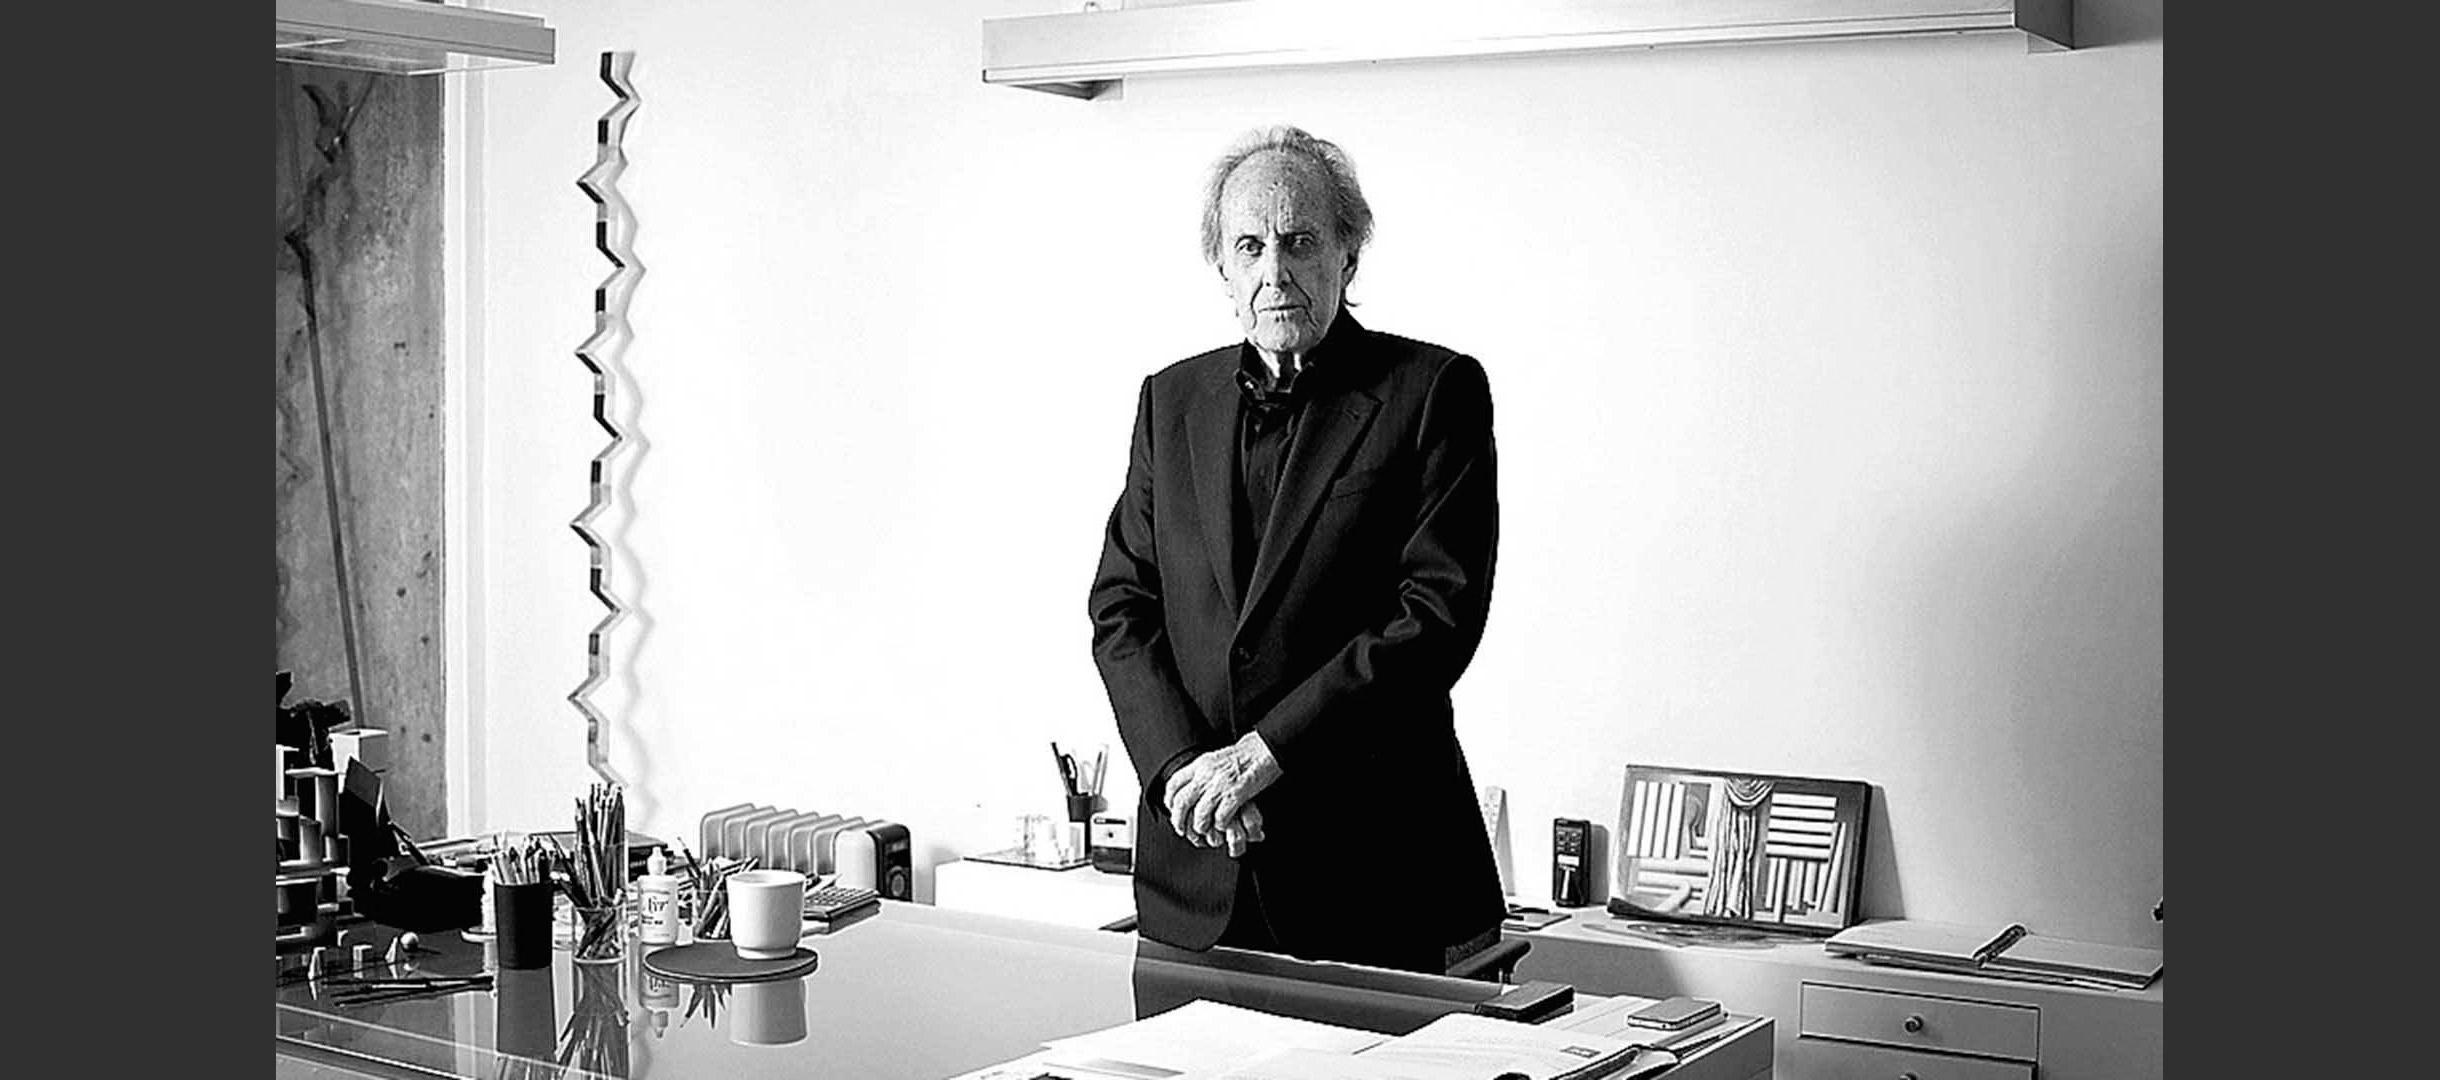 Teodoro González de León, al cumplir 89 años. Egia/Agencia Reforma